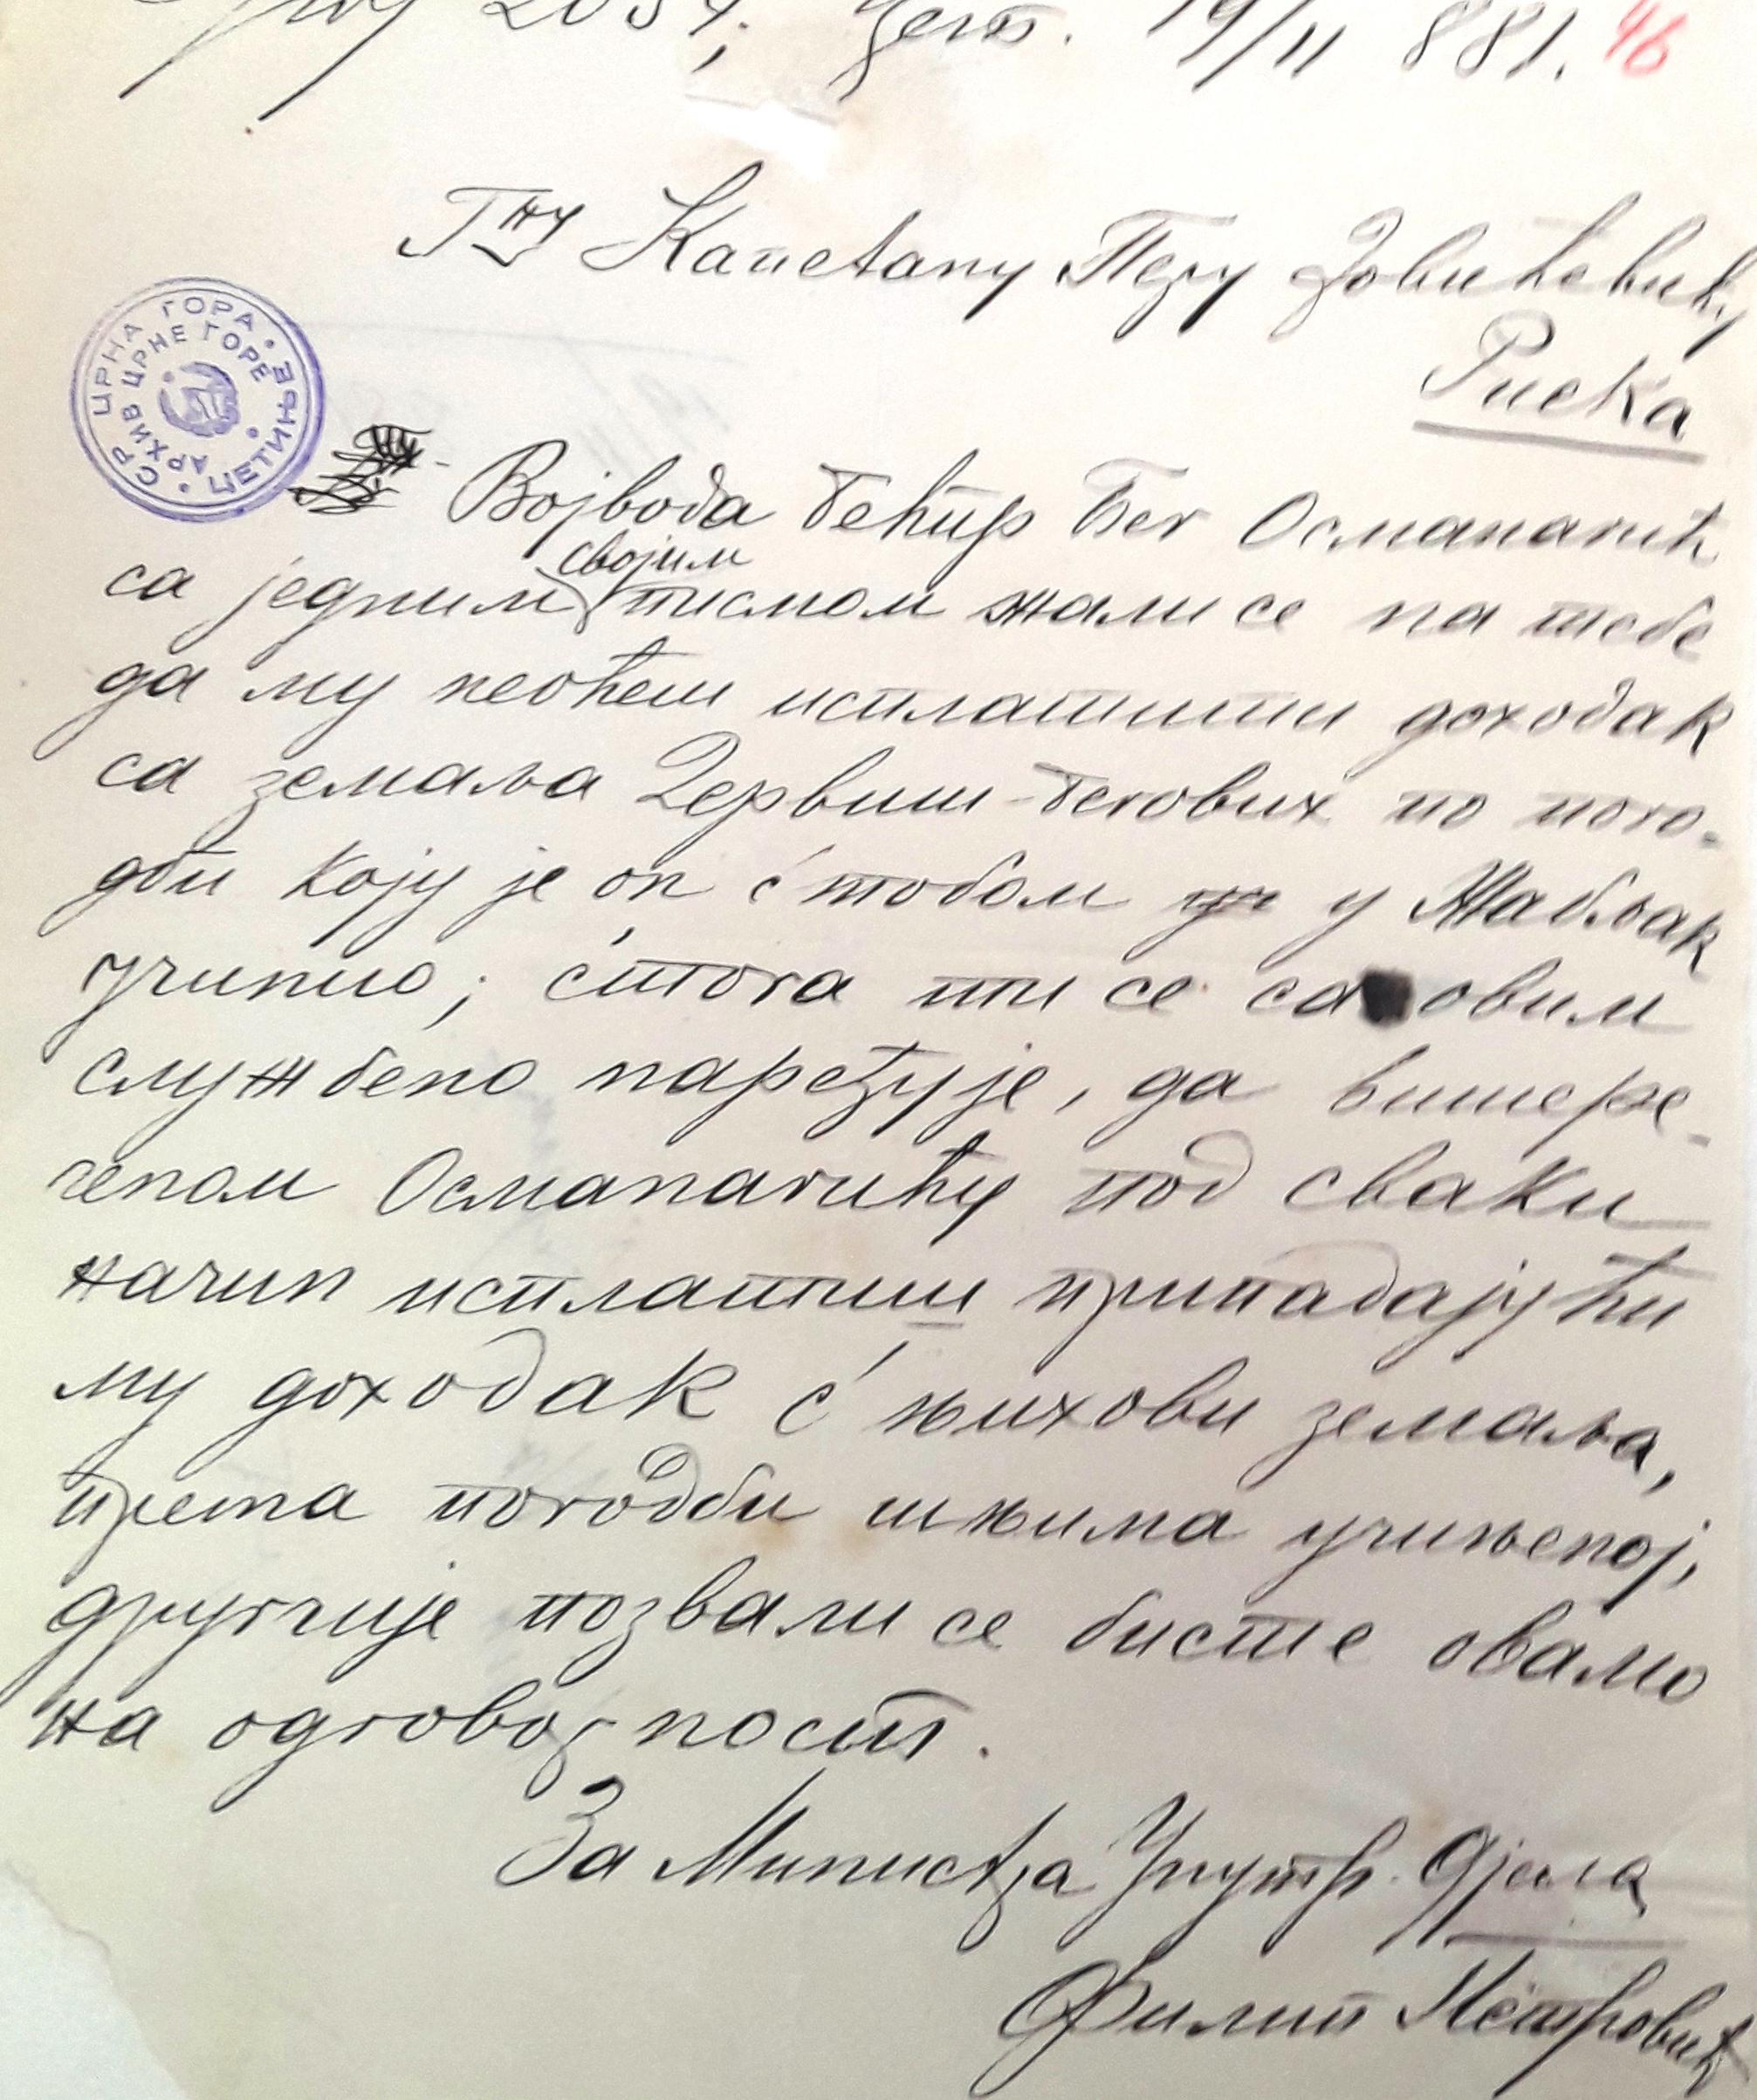 Naredba kapetanu Jovićeviću da isplati dug vojvodi Bećir begu Osmanagiću, MUD, novembar 1881.